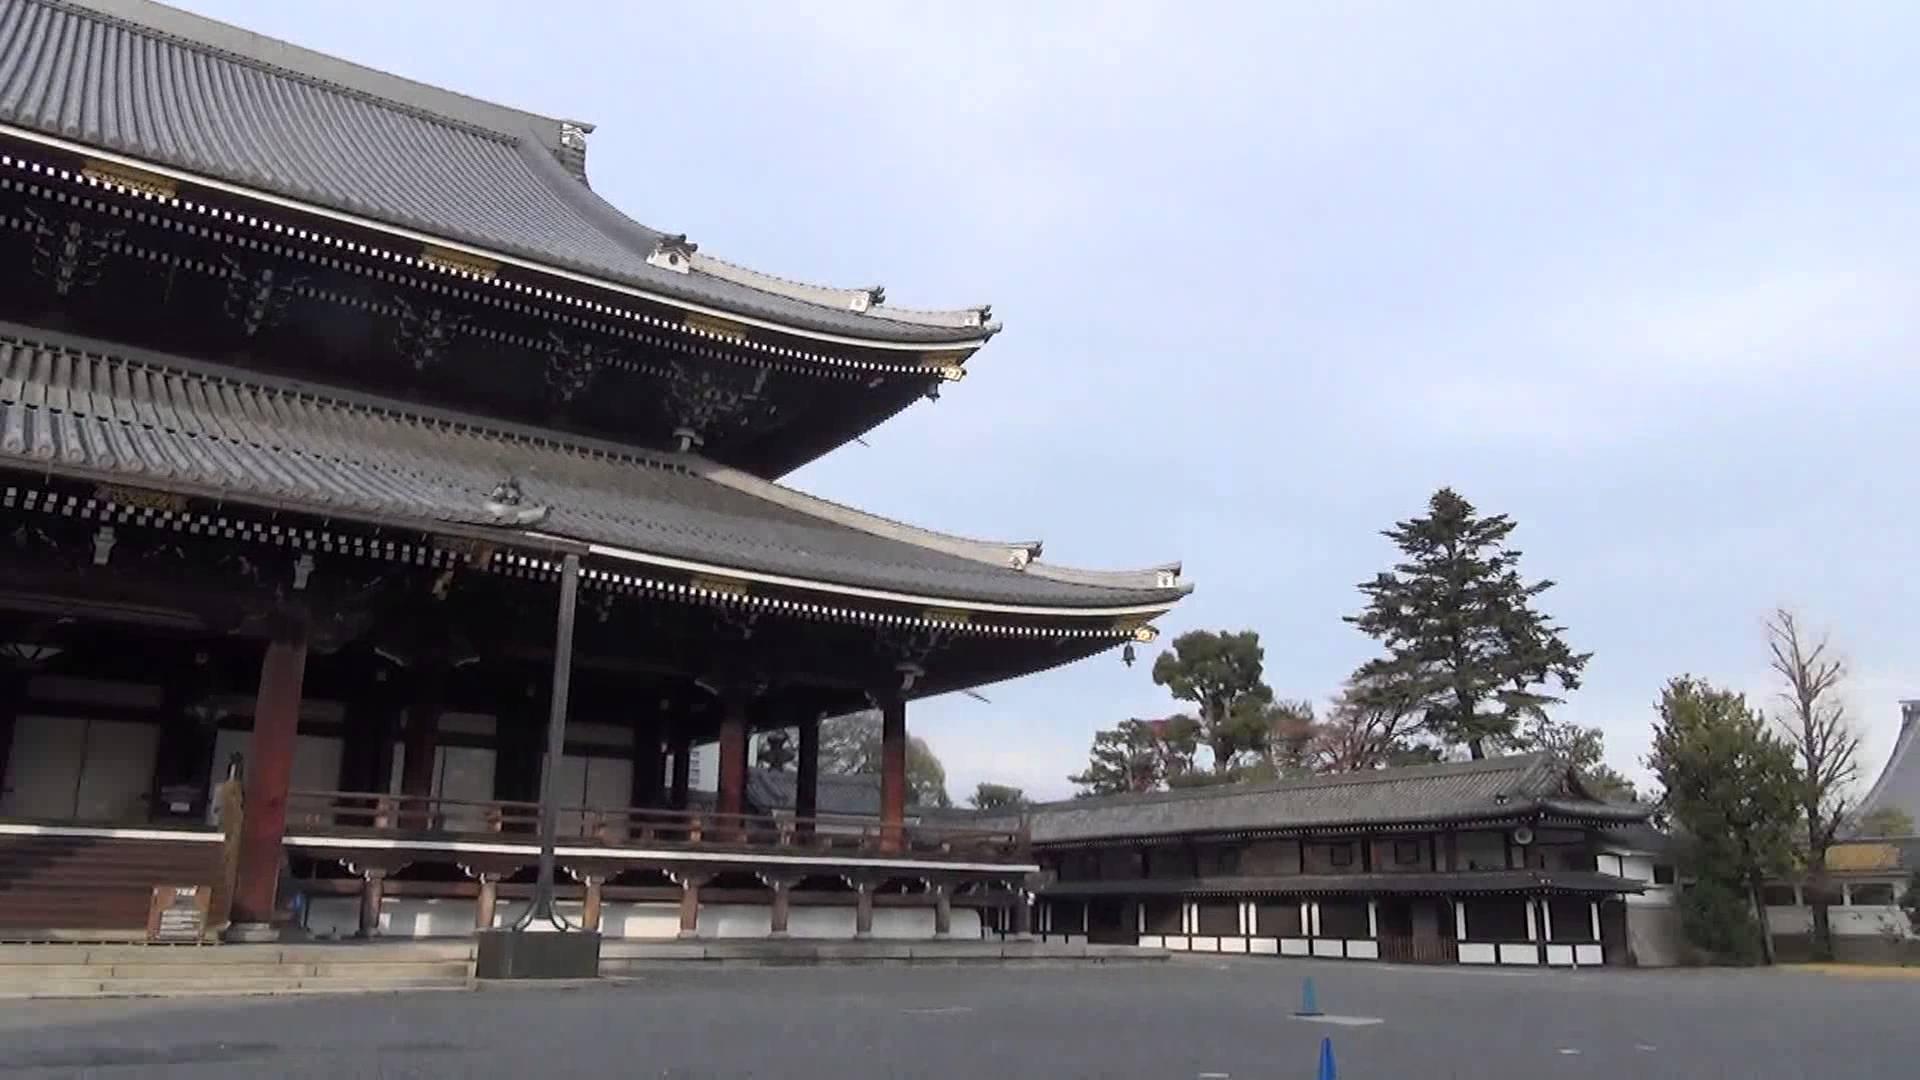 東本願寺編1 927枚も畳が敷き詰められた御影堂で心の静寂を得る